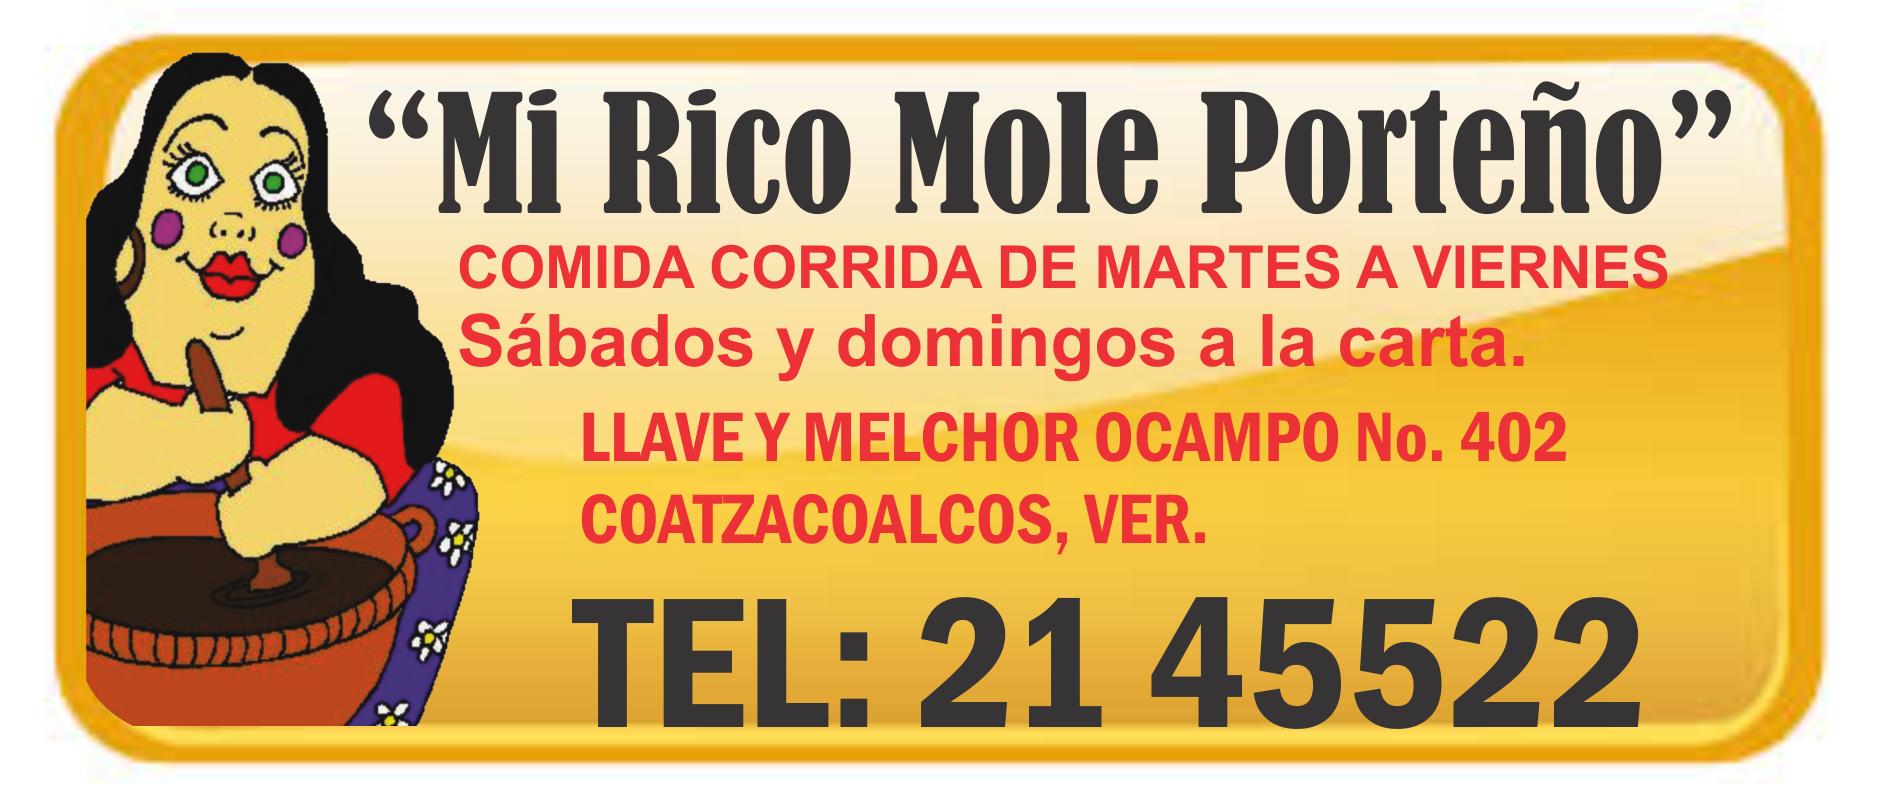 Mi Rico Mole